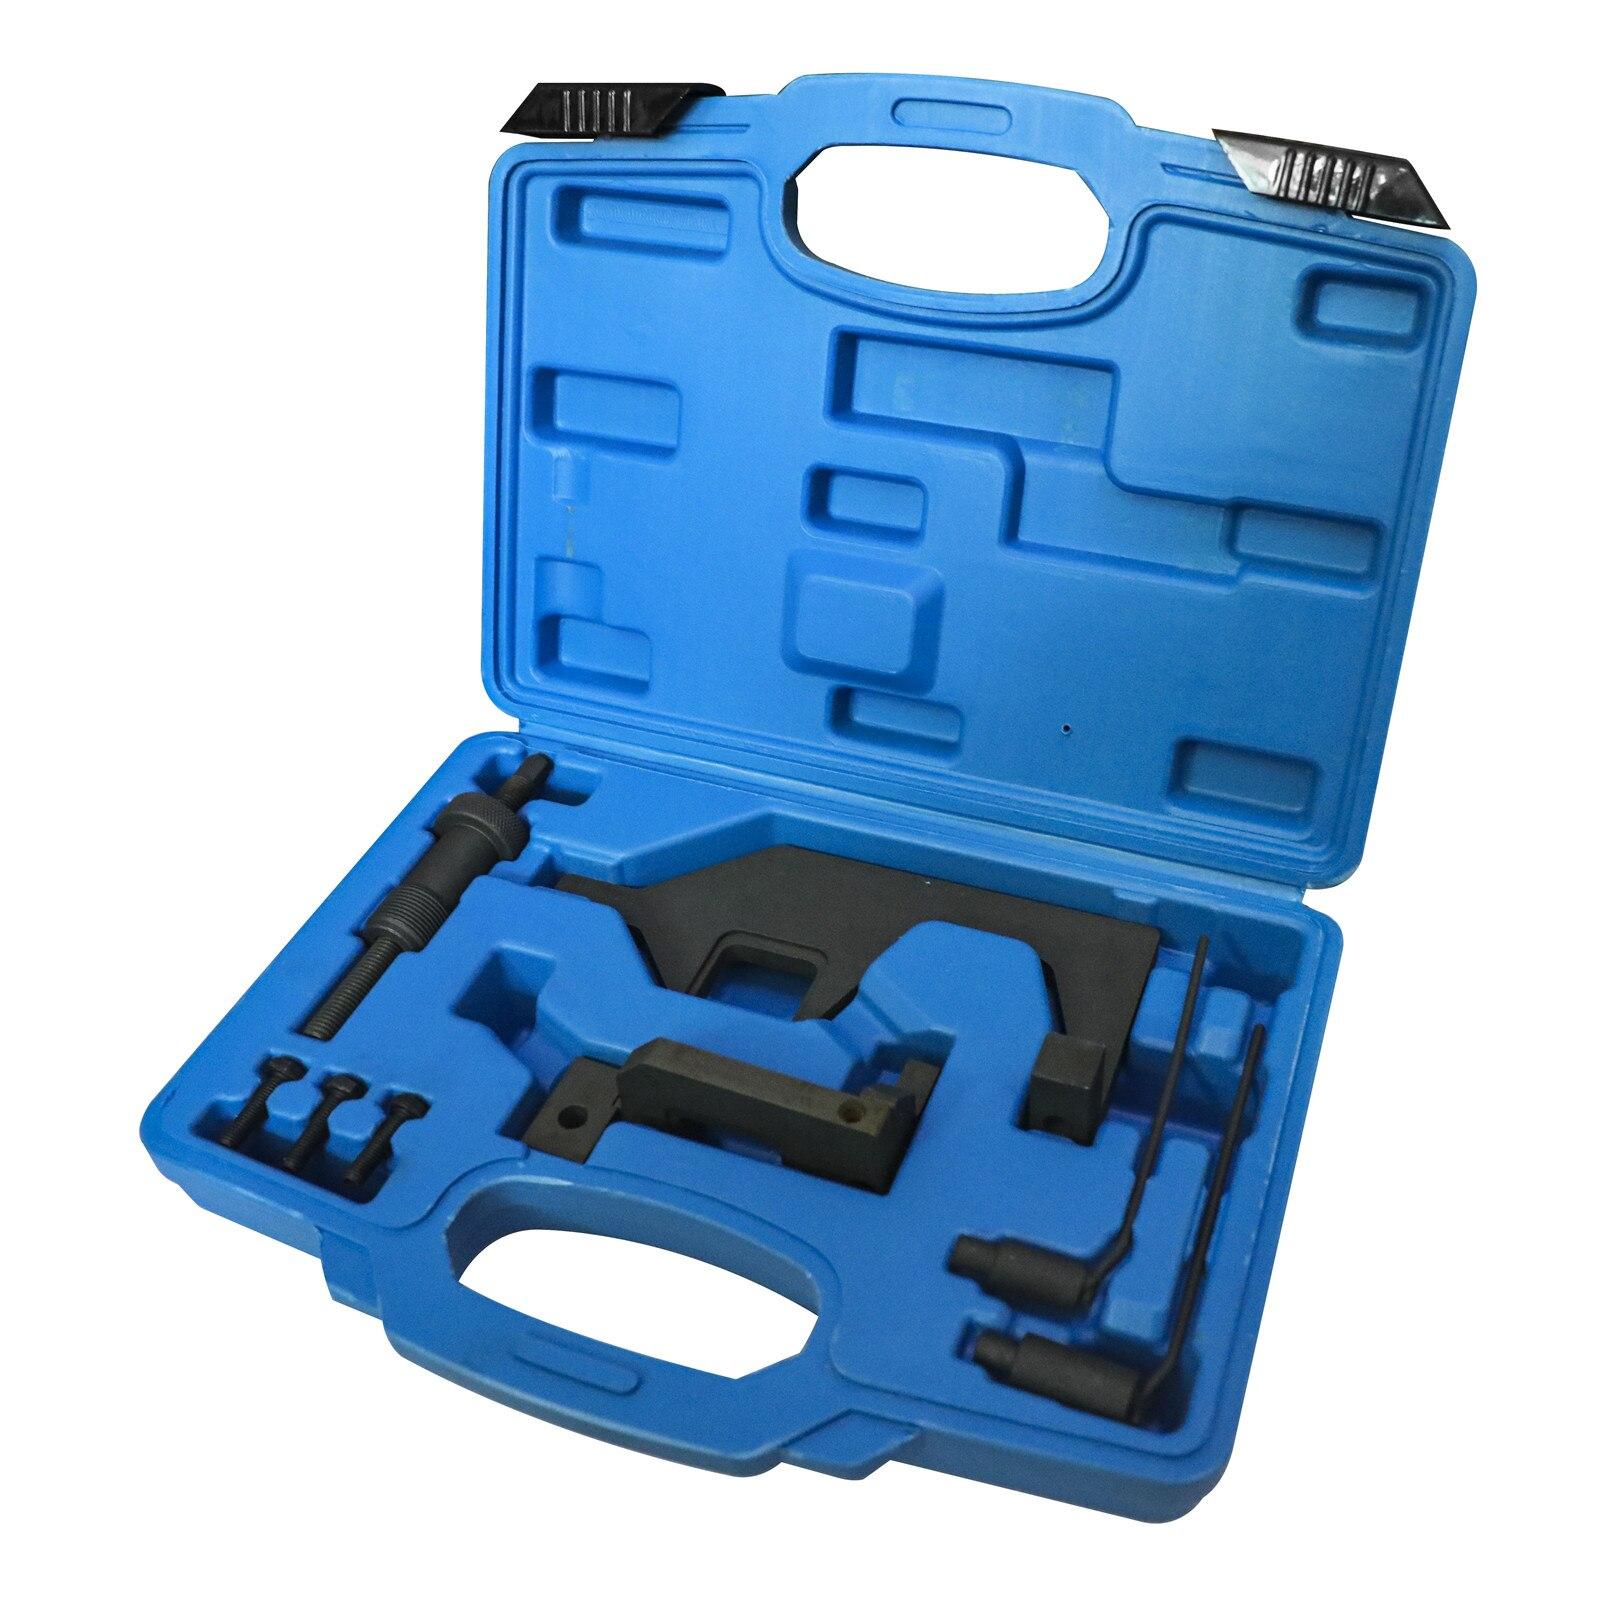 Zestaw narzędzi do rozrządu silnika dla BMW Mini Cooper Clubman N13, N18, F20 14i 16i 18i F30 2.0